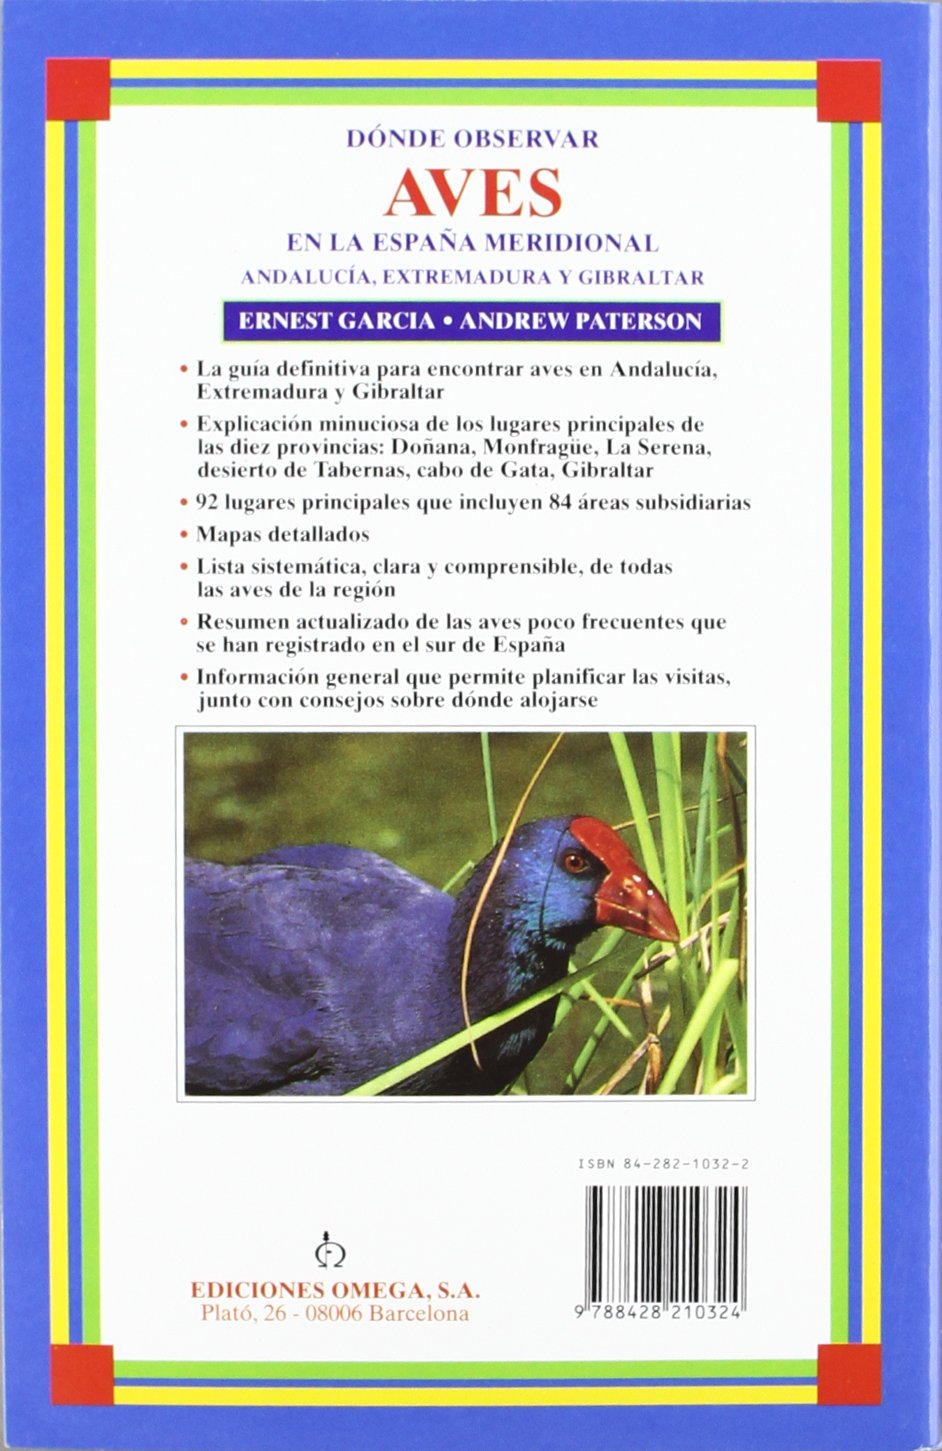 DONDE OBSERVAR AVES EN ESPAÑA MERIDIONAL GUIAS DEL NATURALISTA-AVES: Amazon.es: GARCIA, E. Y PATERSON, A.: Libros